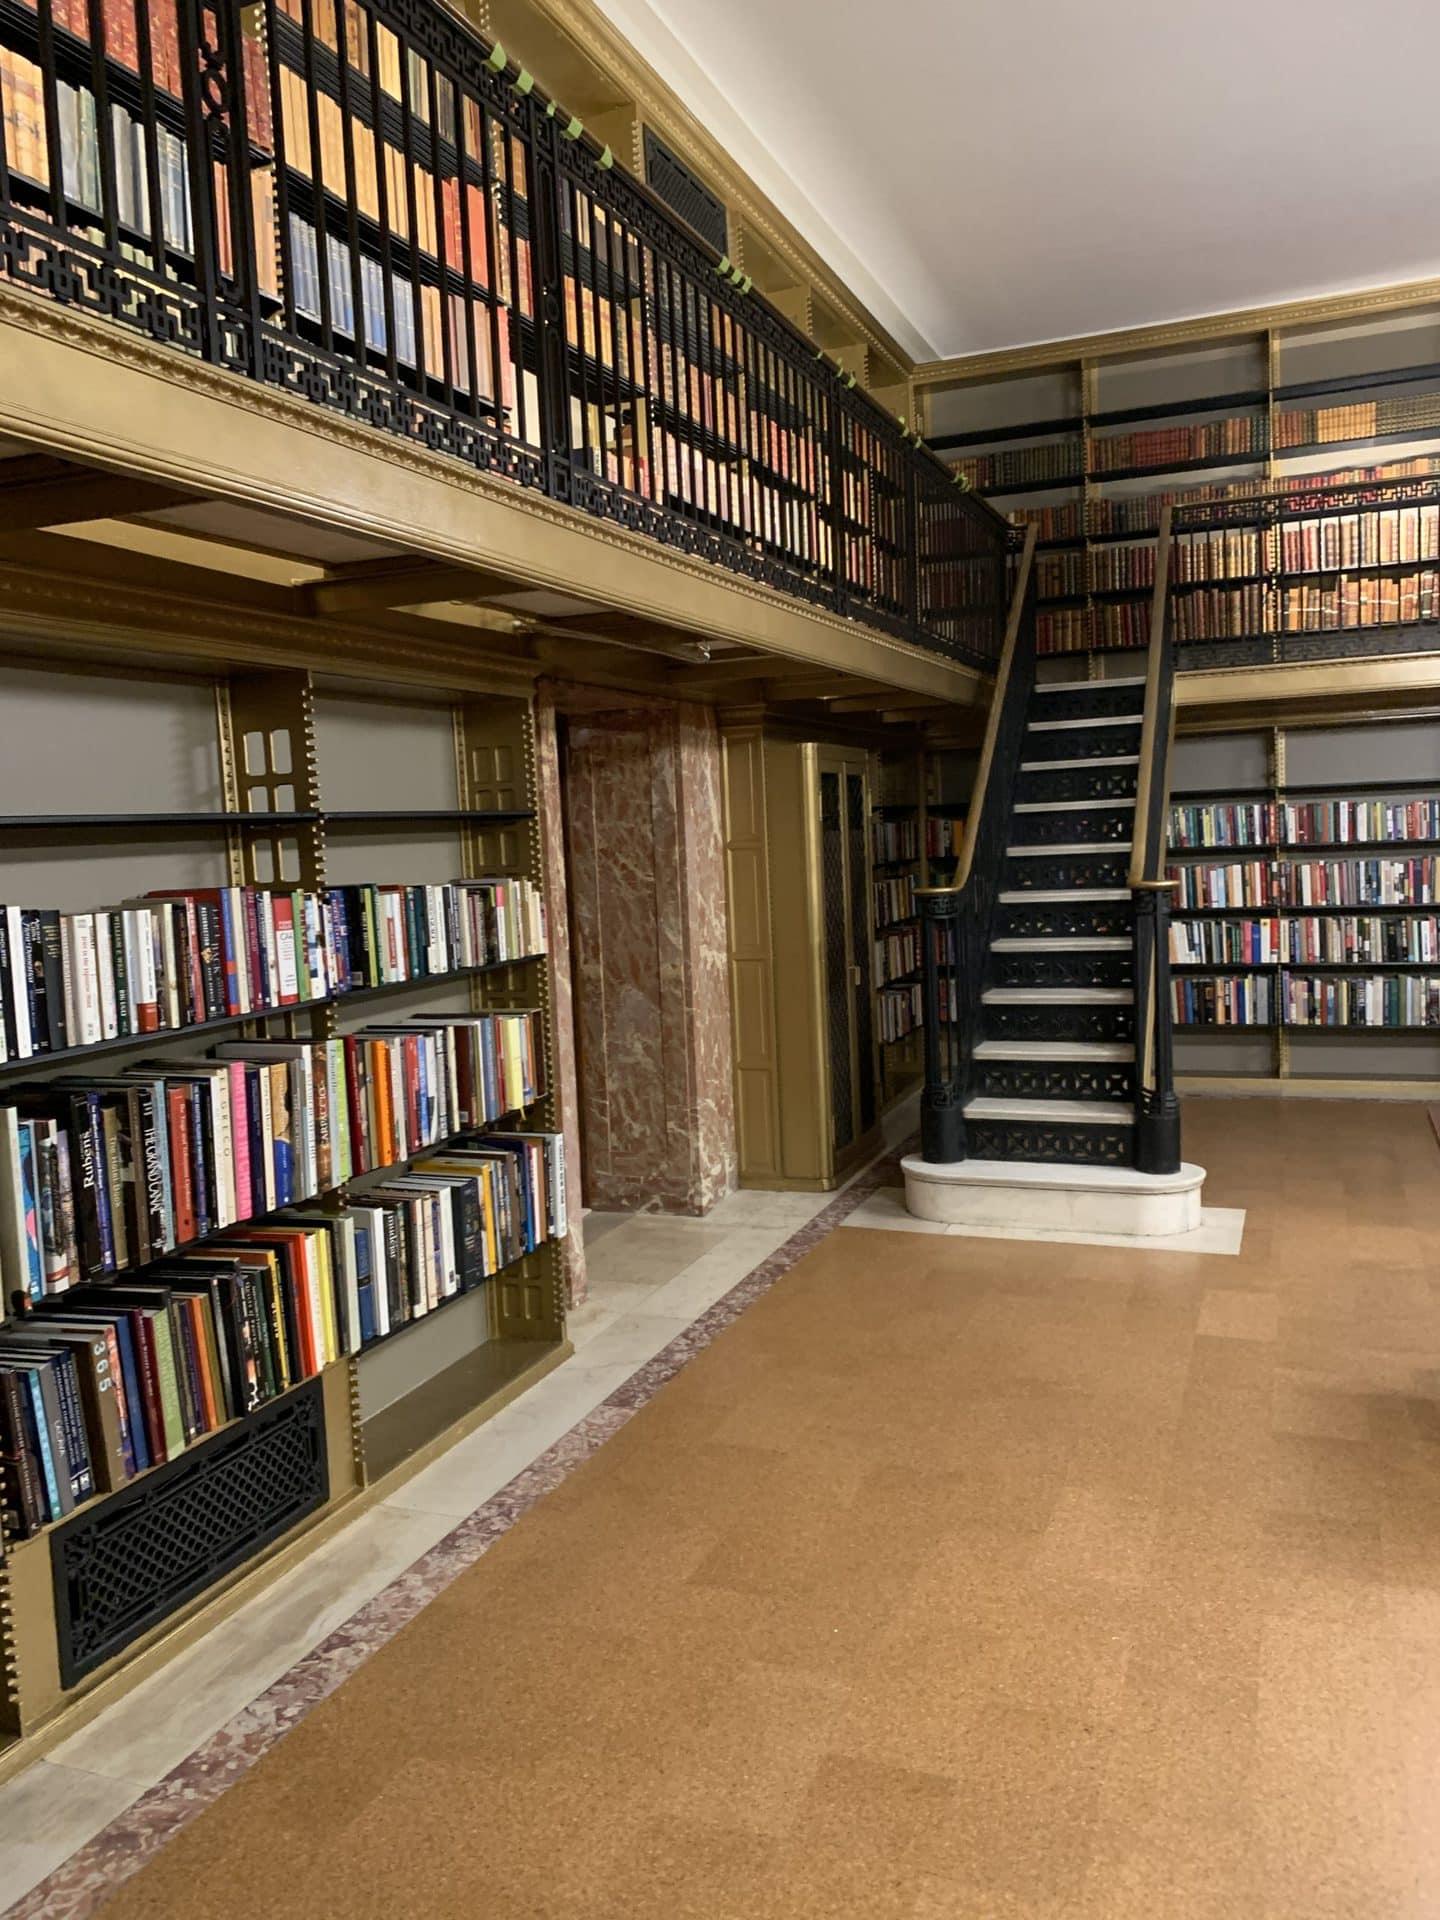 New York Public Library Ny Zandur